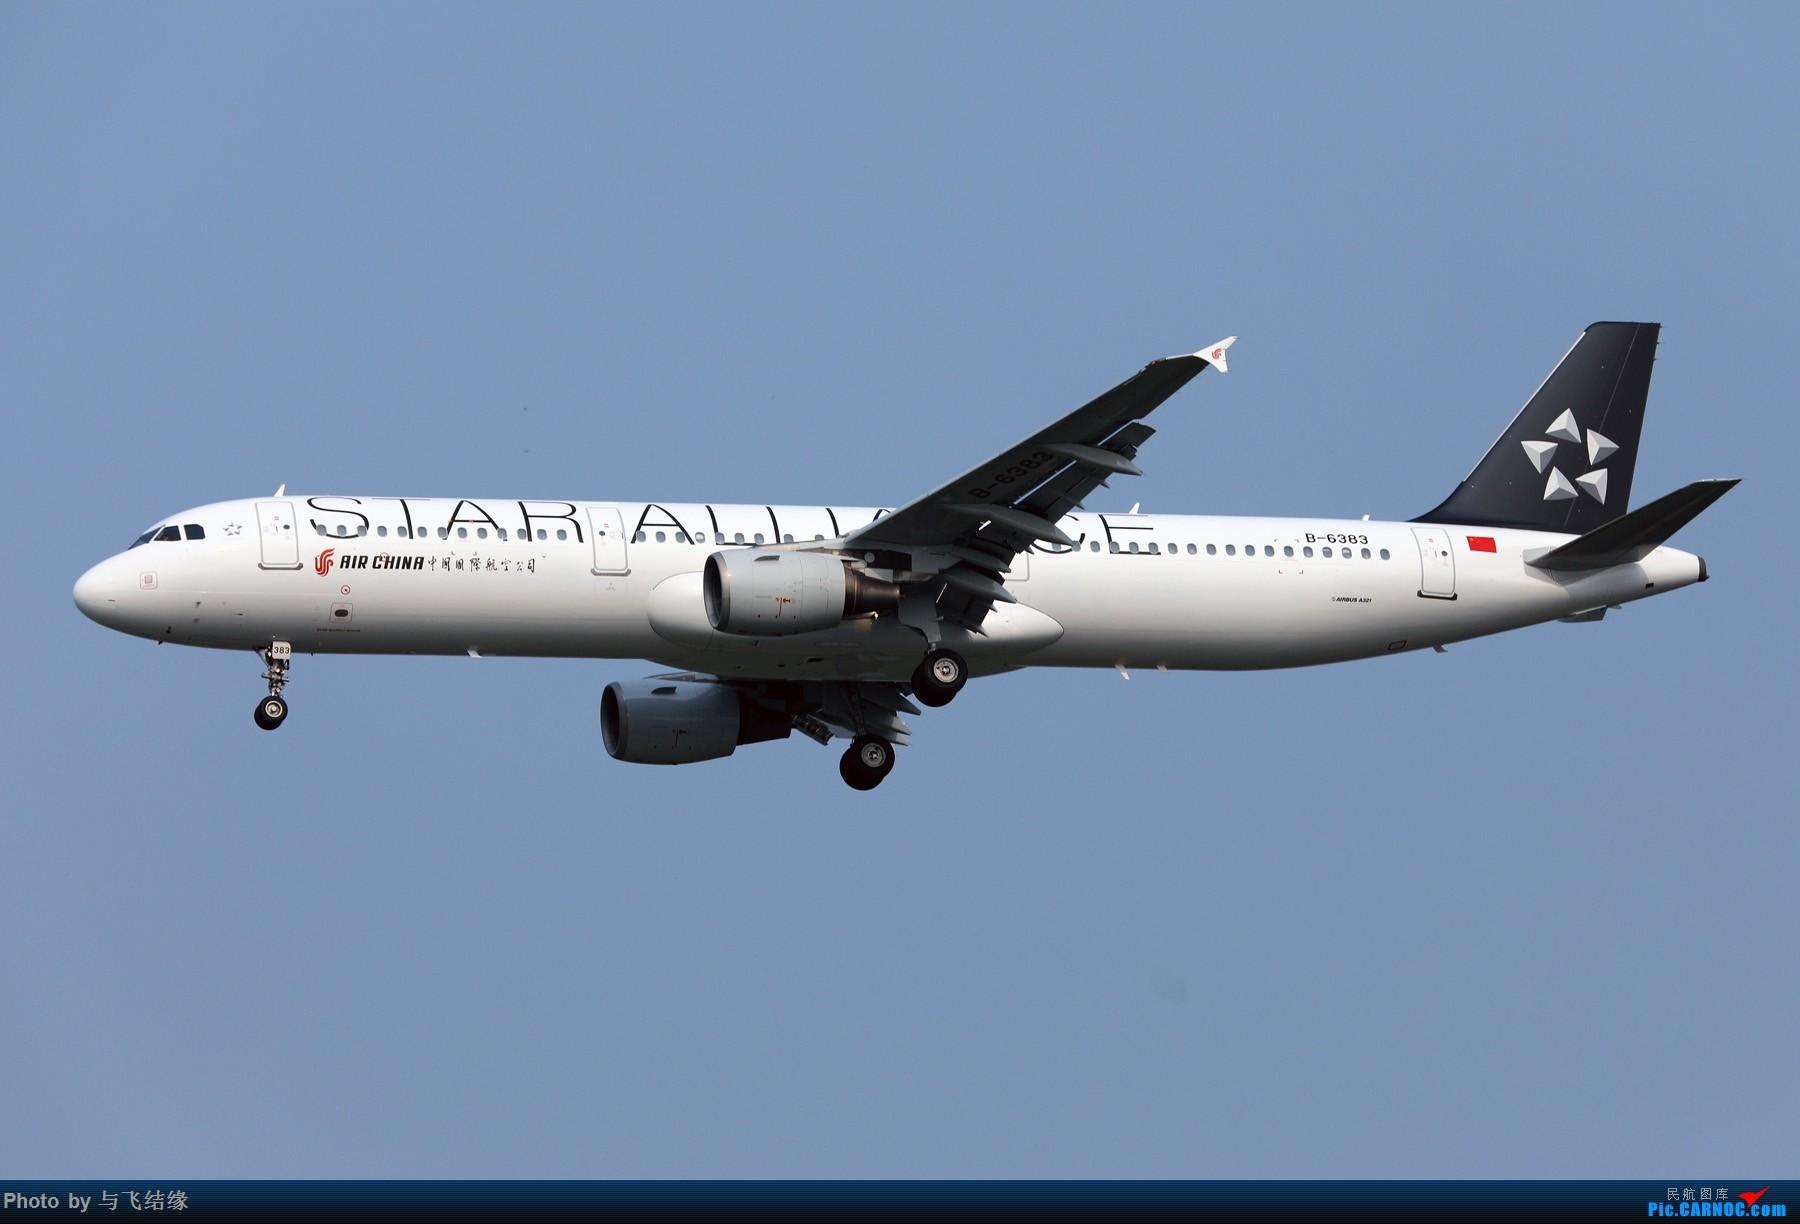 Re:[原创]中国国际航空Airbus A321-200星空联盟涂装B-6383. AIRBUS A321-200 B-6383 中国北京首都国际机场